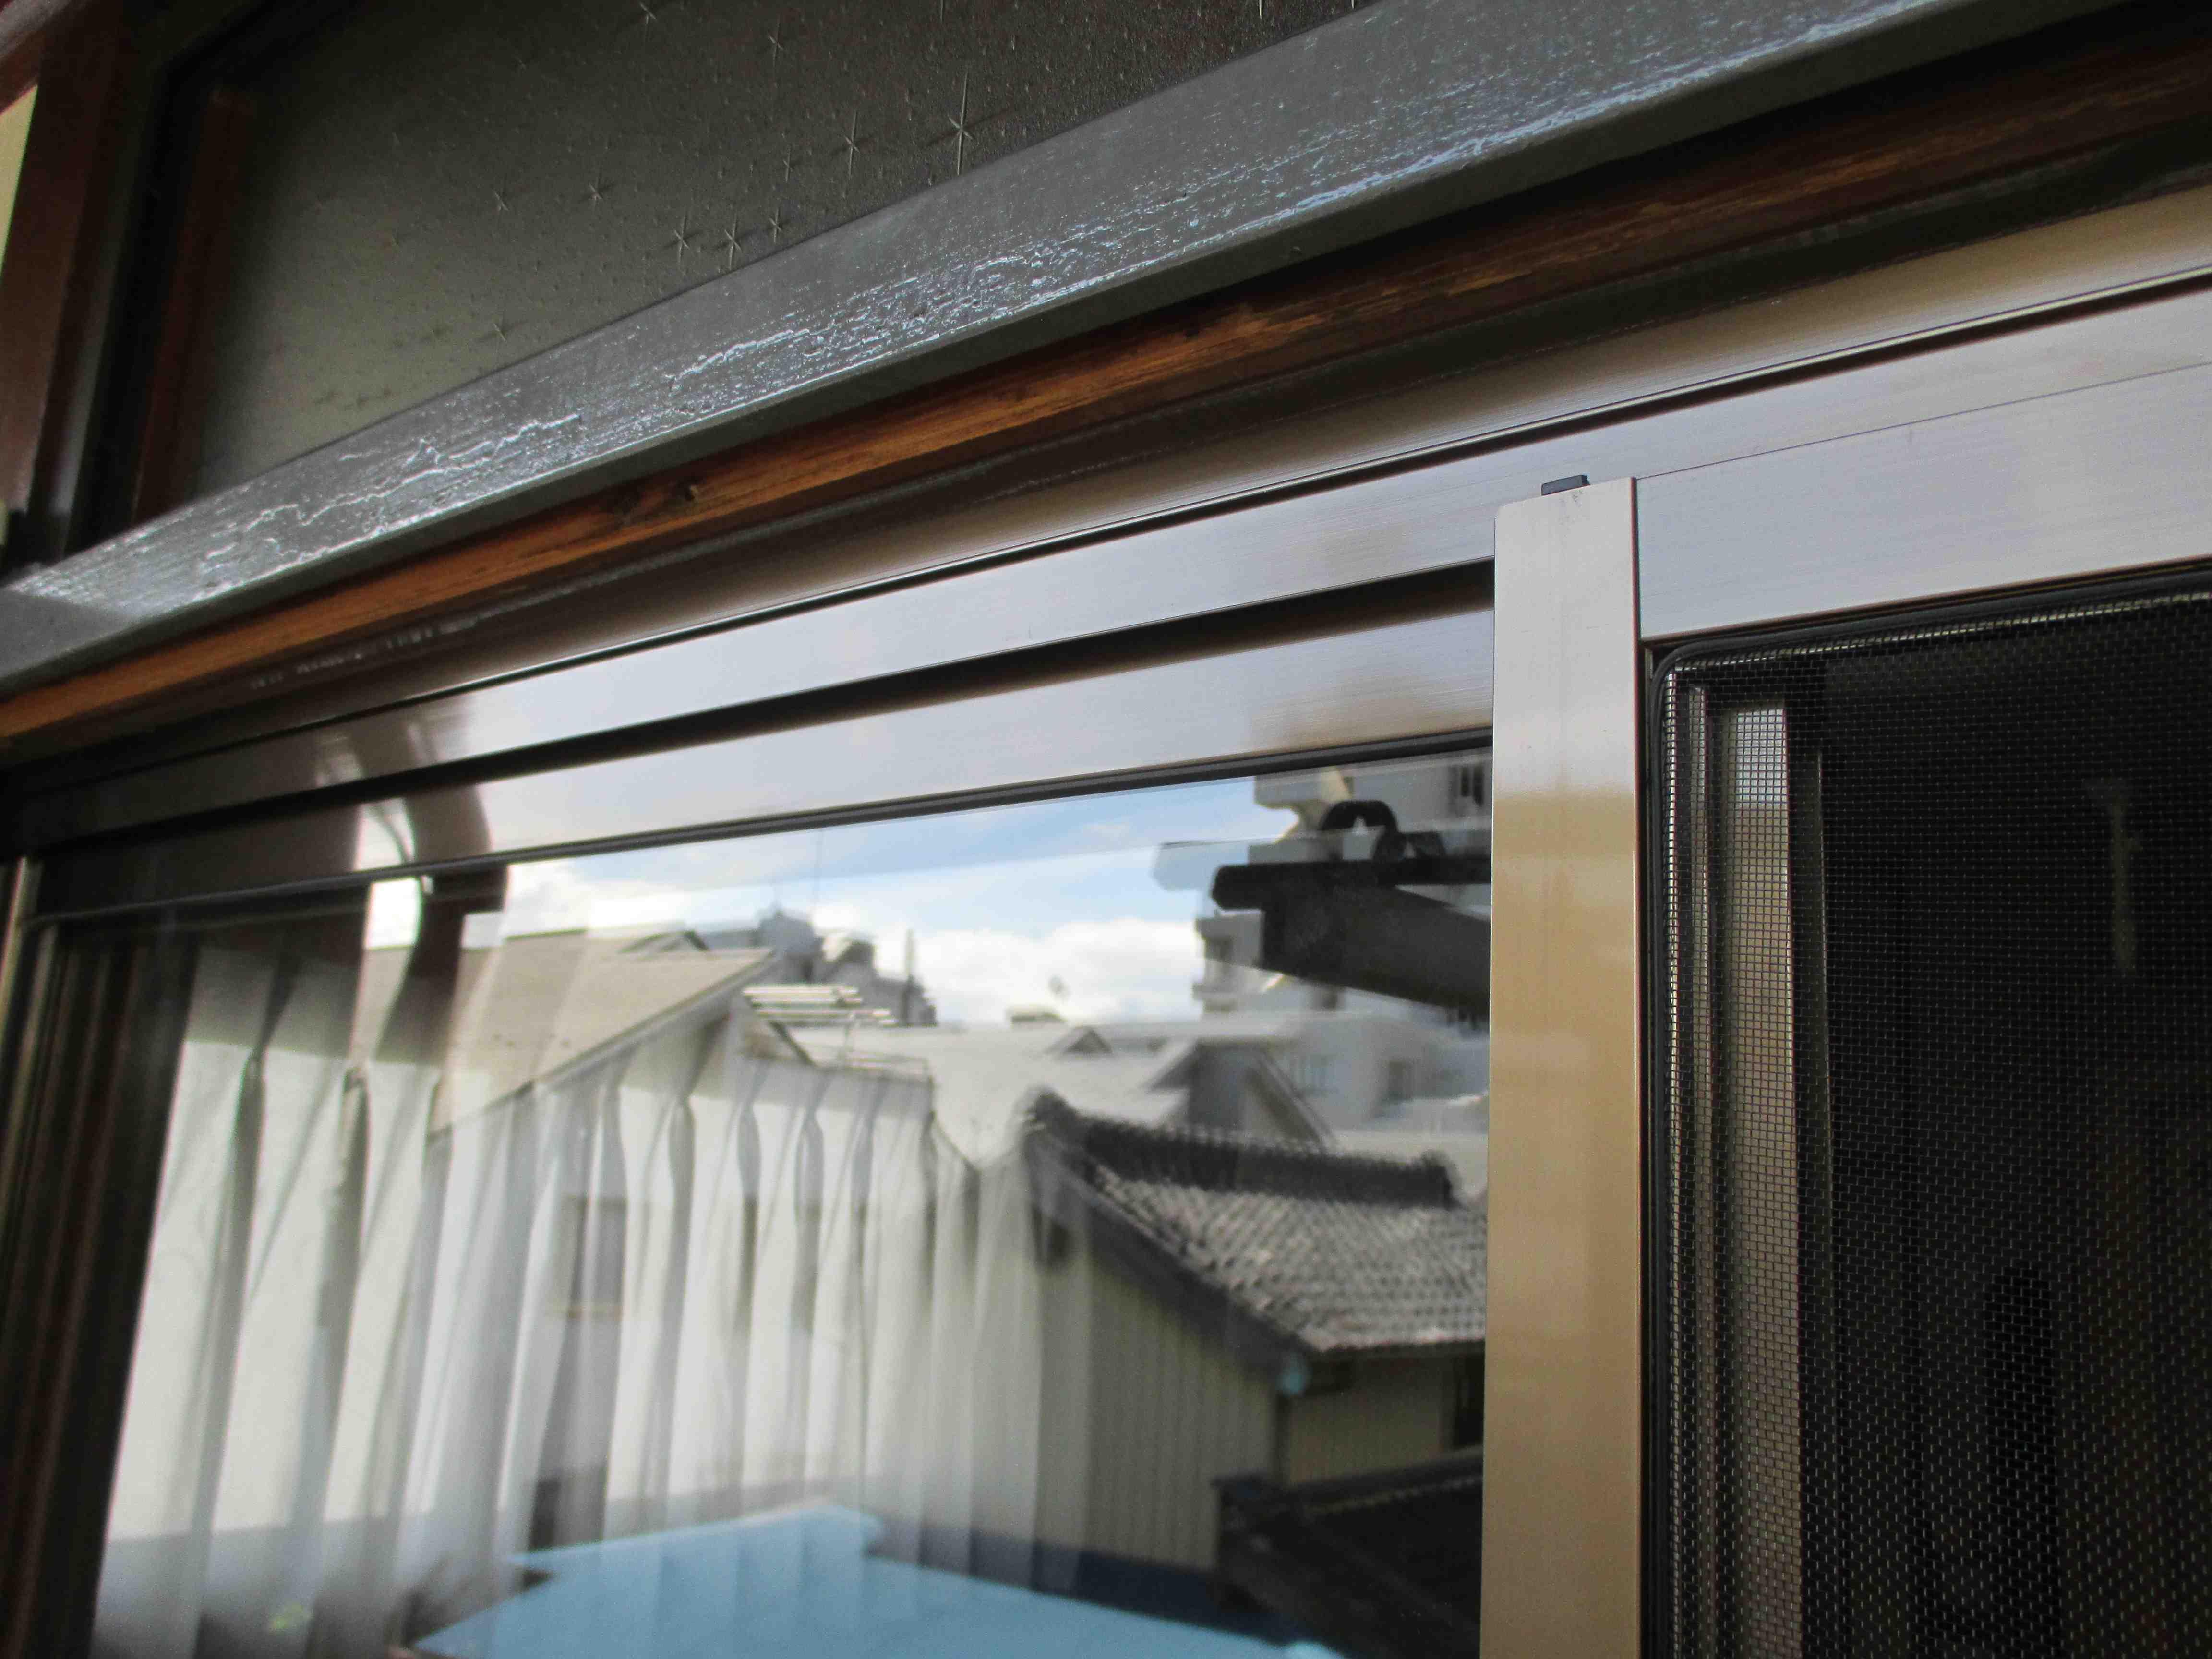 『サッシ交換』工事と台風対策としての『強化ガラス取付』工事 モリス正規販売店のブライト_c0157866_18263012.jpg